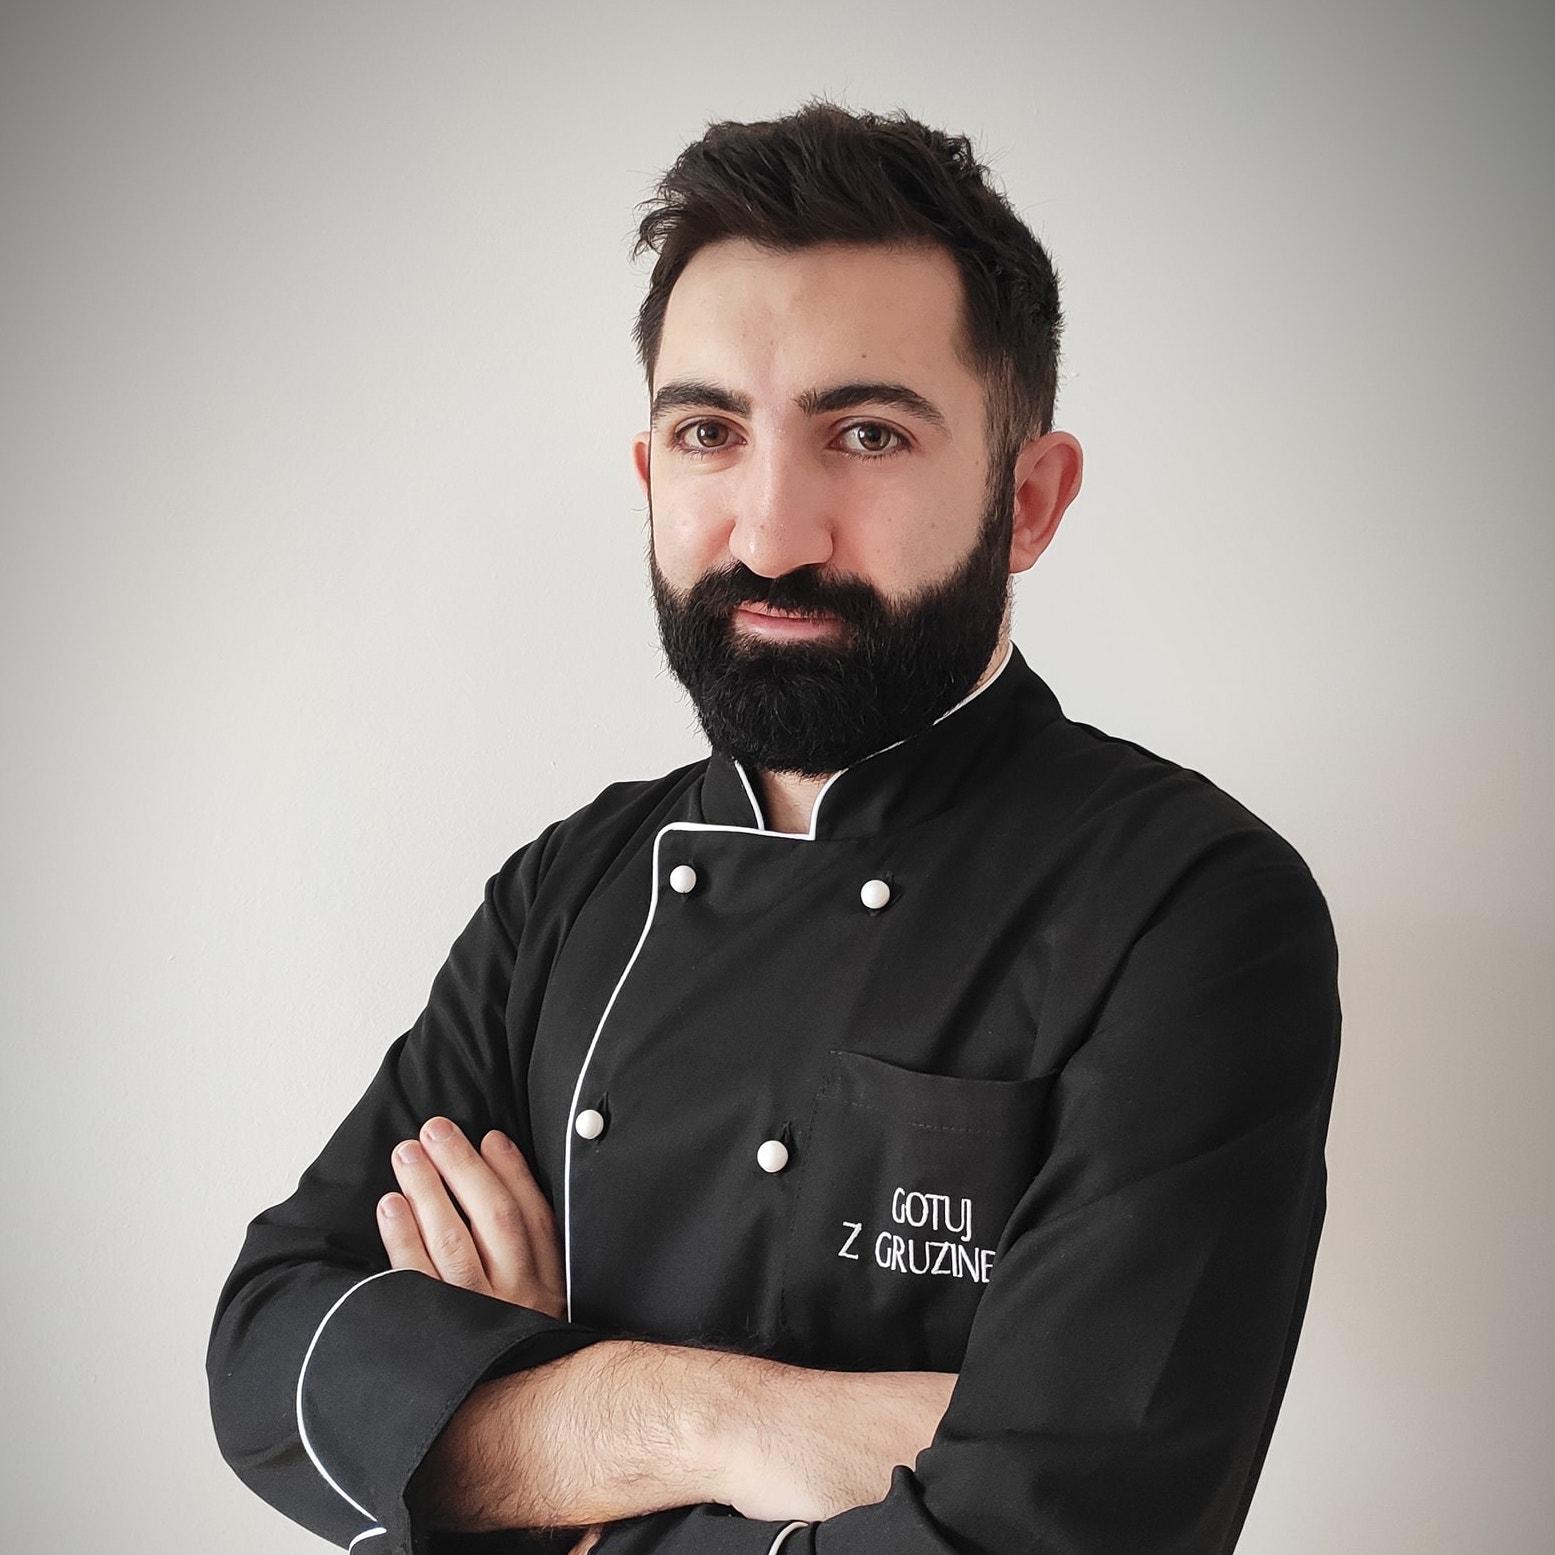 Gotuj z Gruzinem